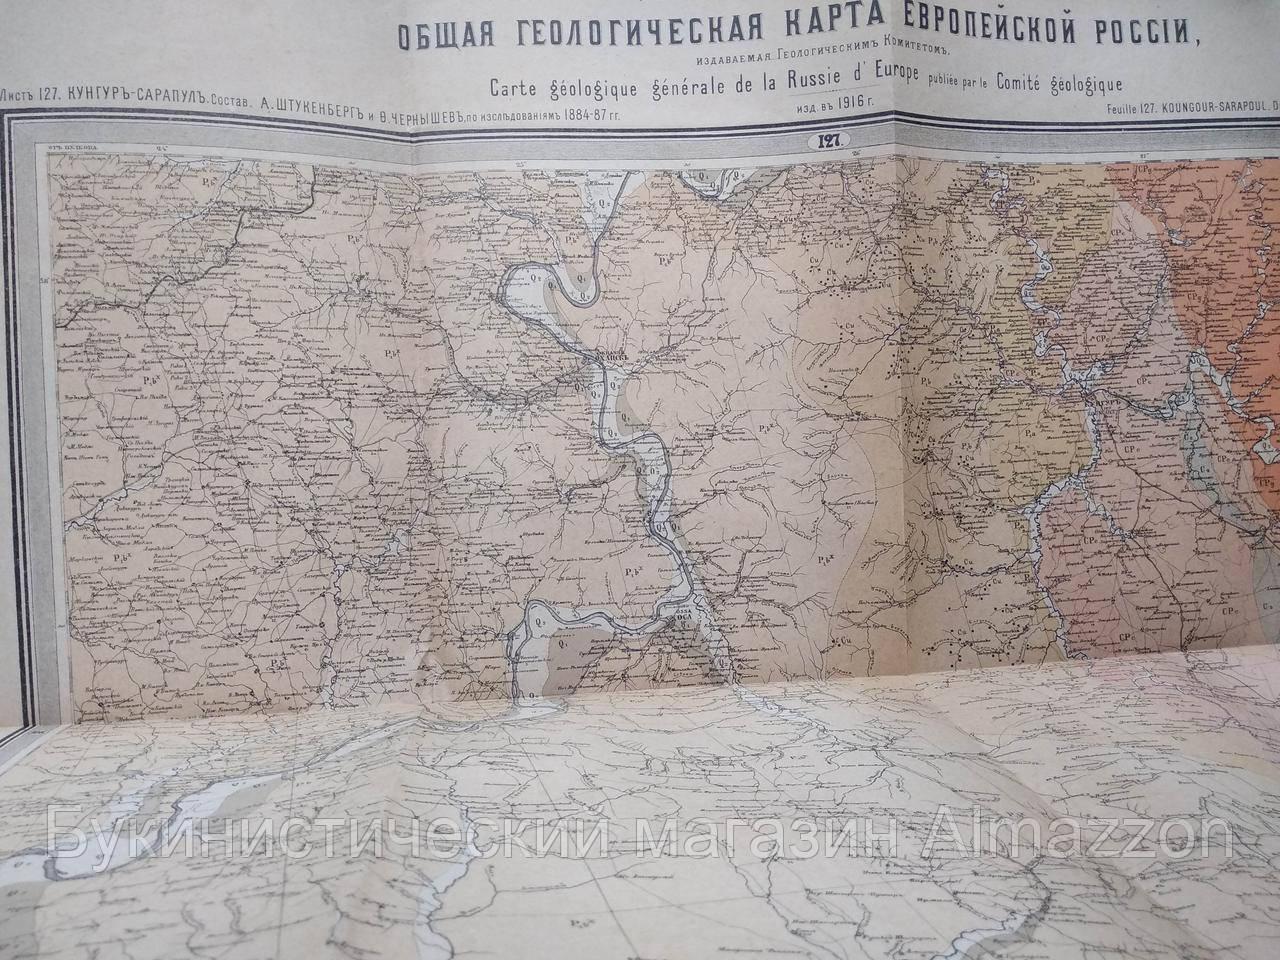 Європейська Росія Загальна геологічна карта 1922 рік